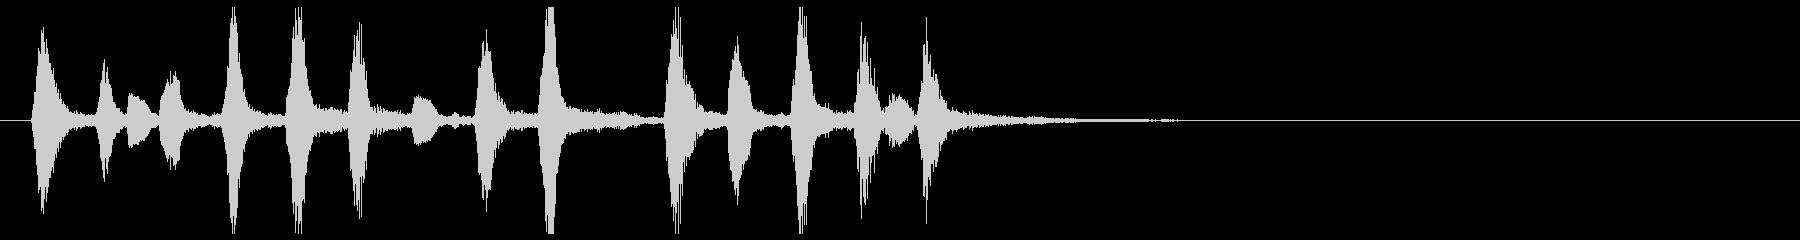 ほのぼの可愛い元気木管リコーダー重奏の未再生の波形